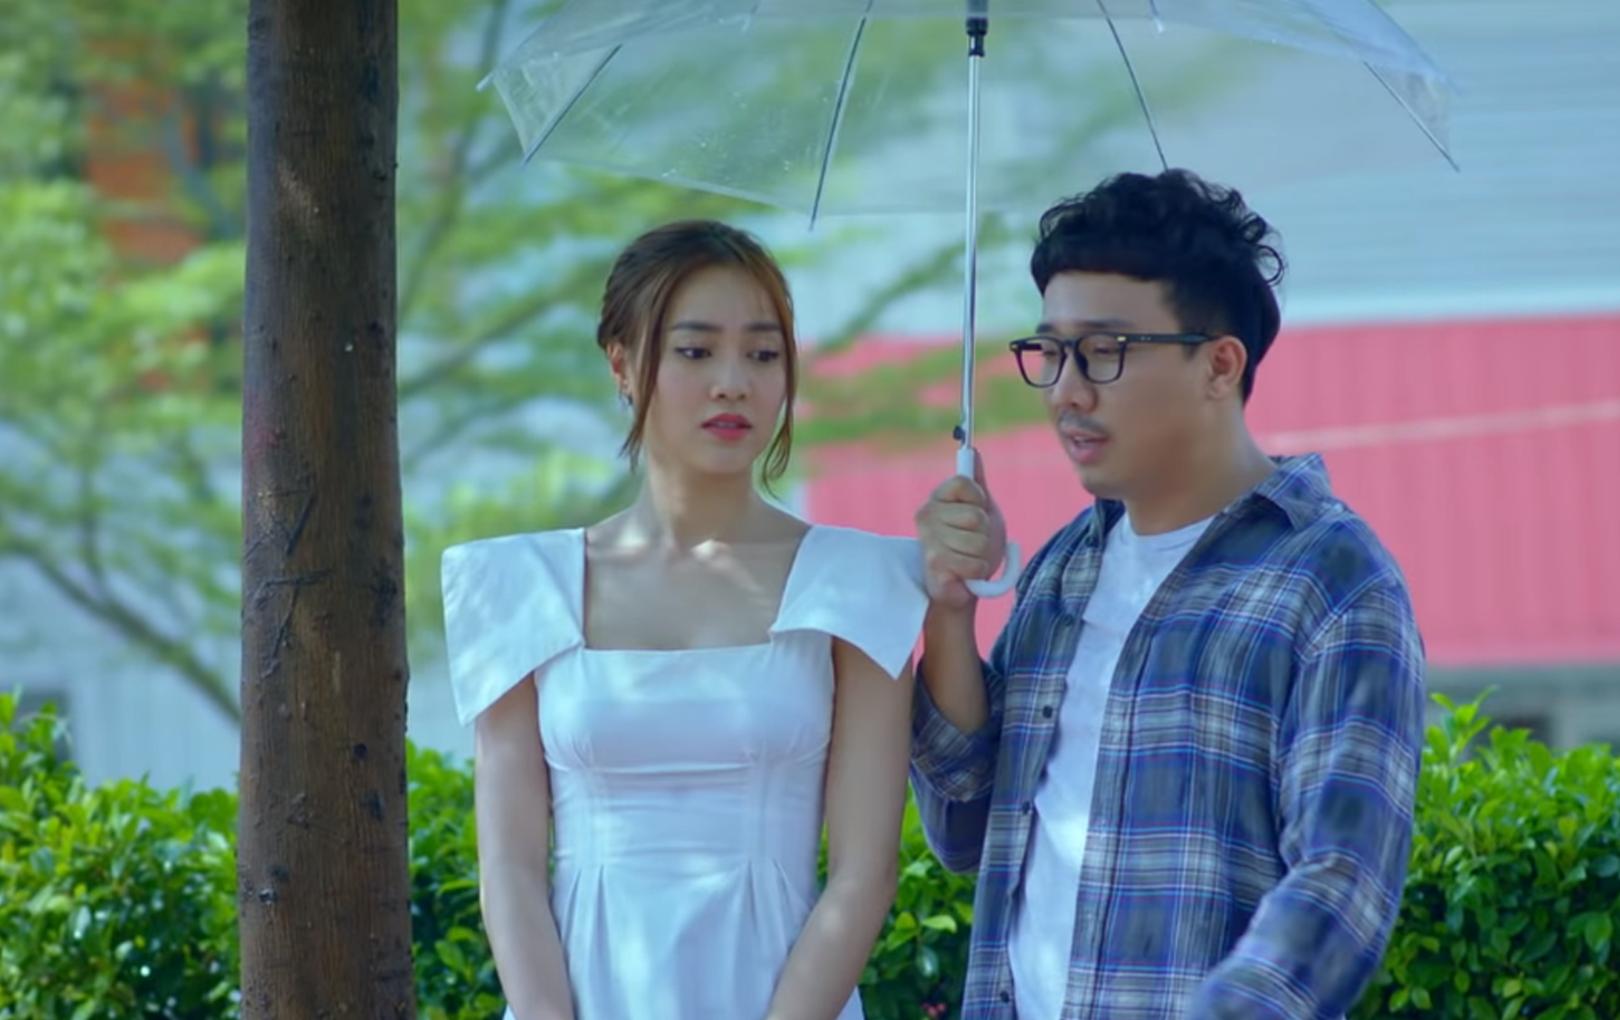 Trấn Thành an ủi Lan Ngọc trước nghi vấn lộ clip nóng, song phản ứng của nhiều netizen mới gây bức xúc dữ dội